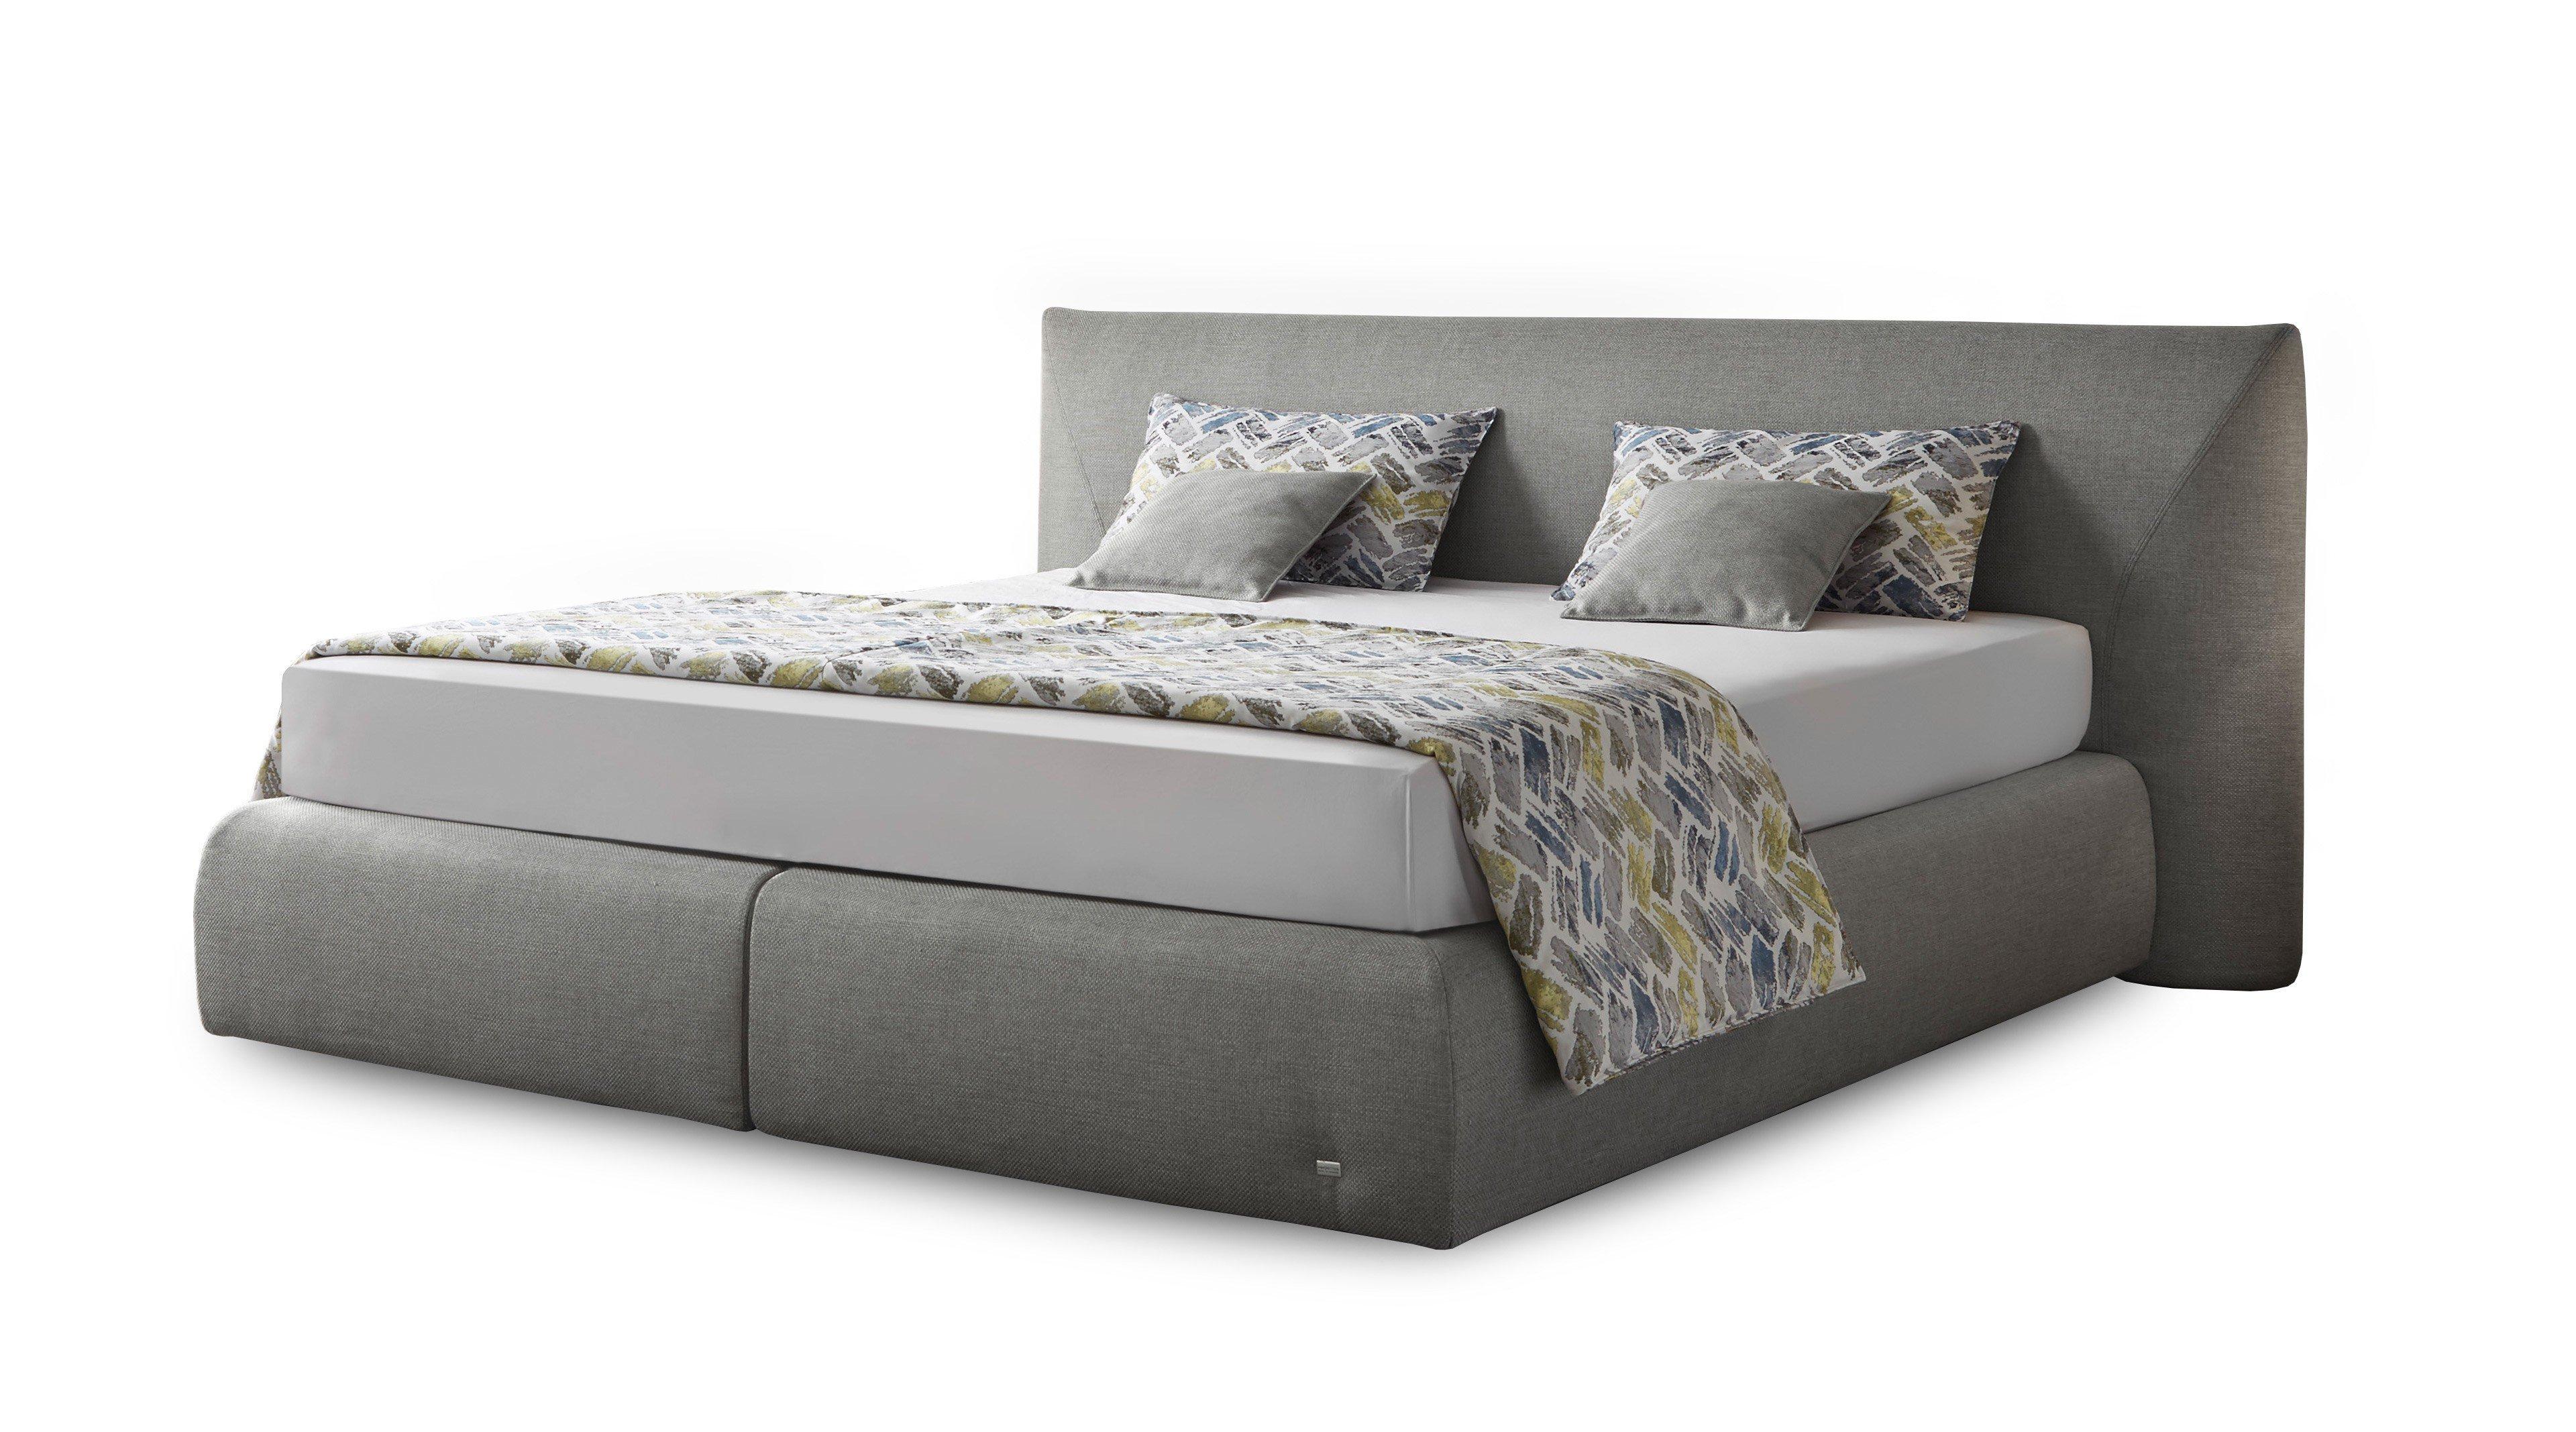 hardeck betten best hardeck angebote mwst auf schrnke betten kika with hardeck betten finest. Black Bedroom Furniture Sets. Home Design Ideas